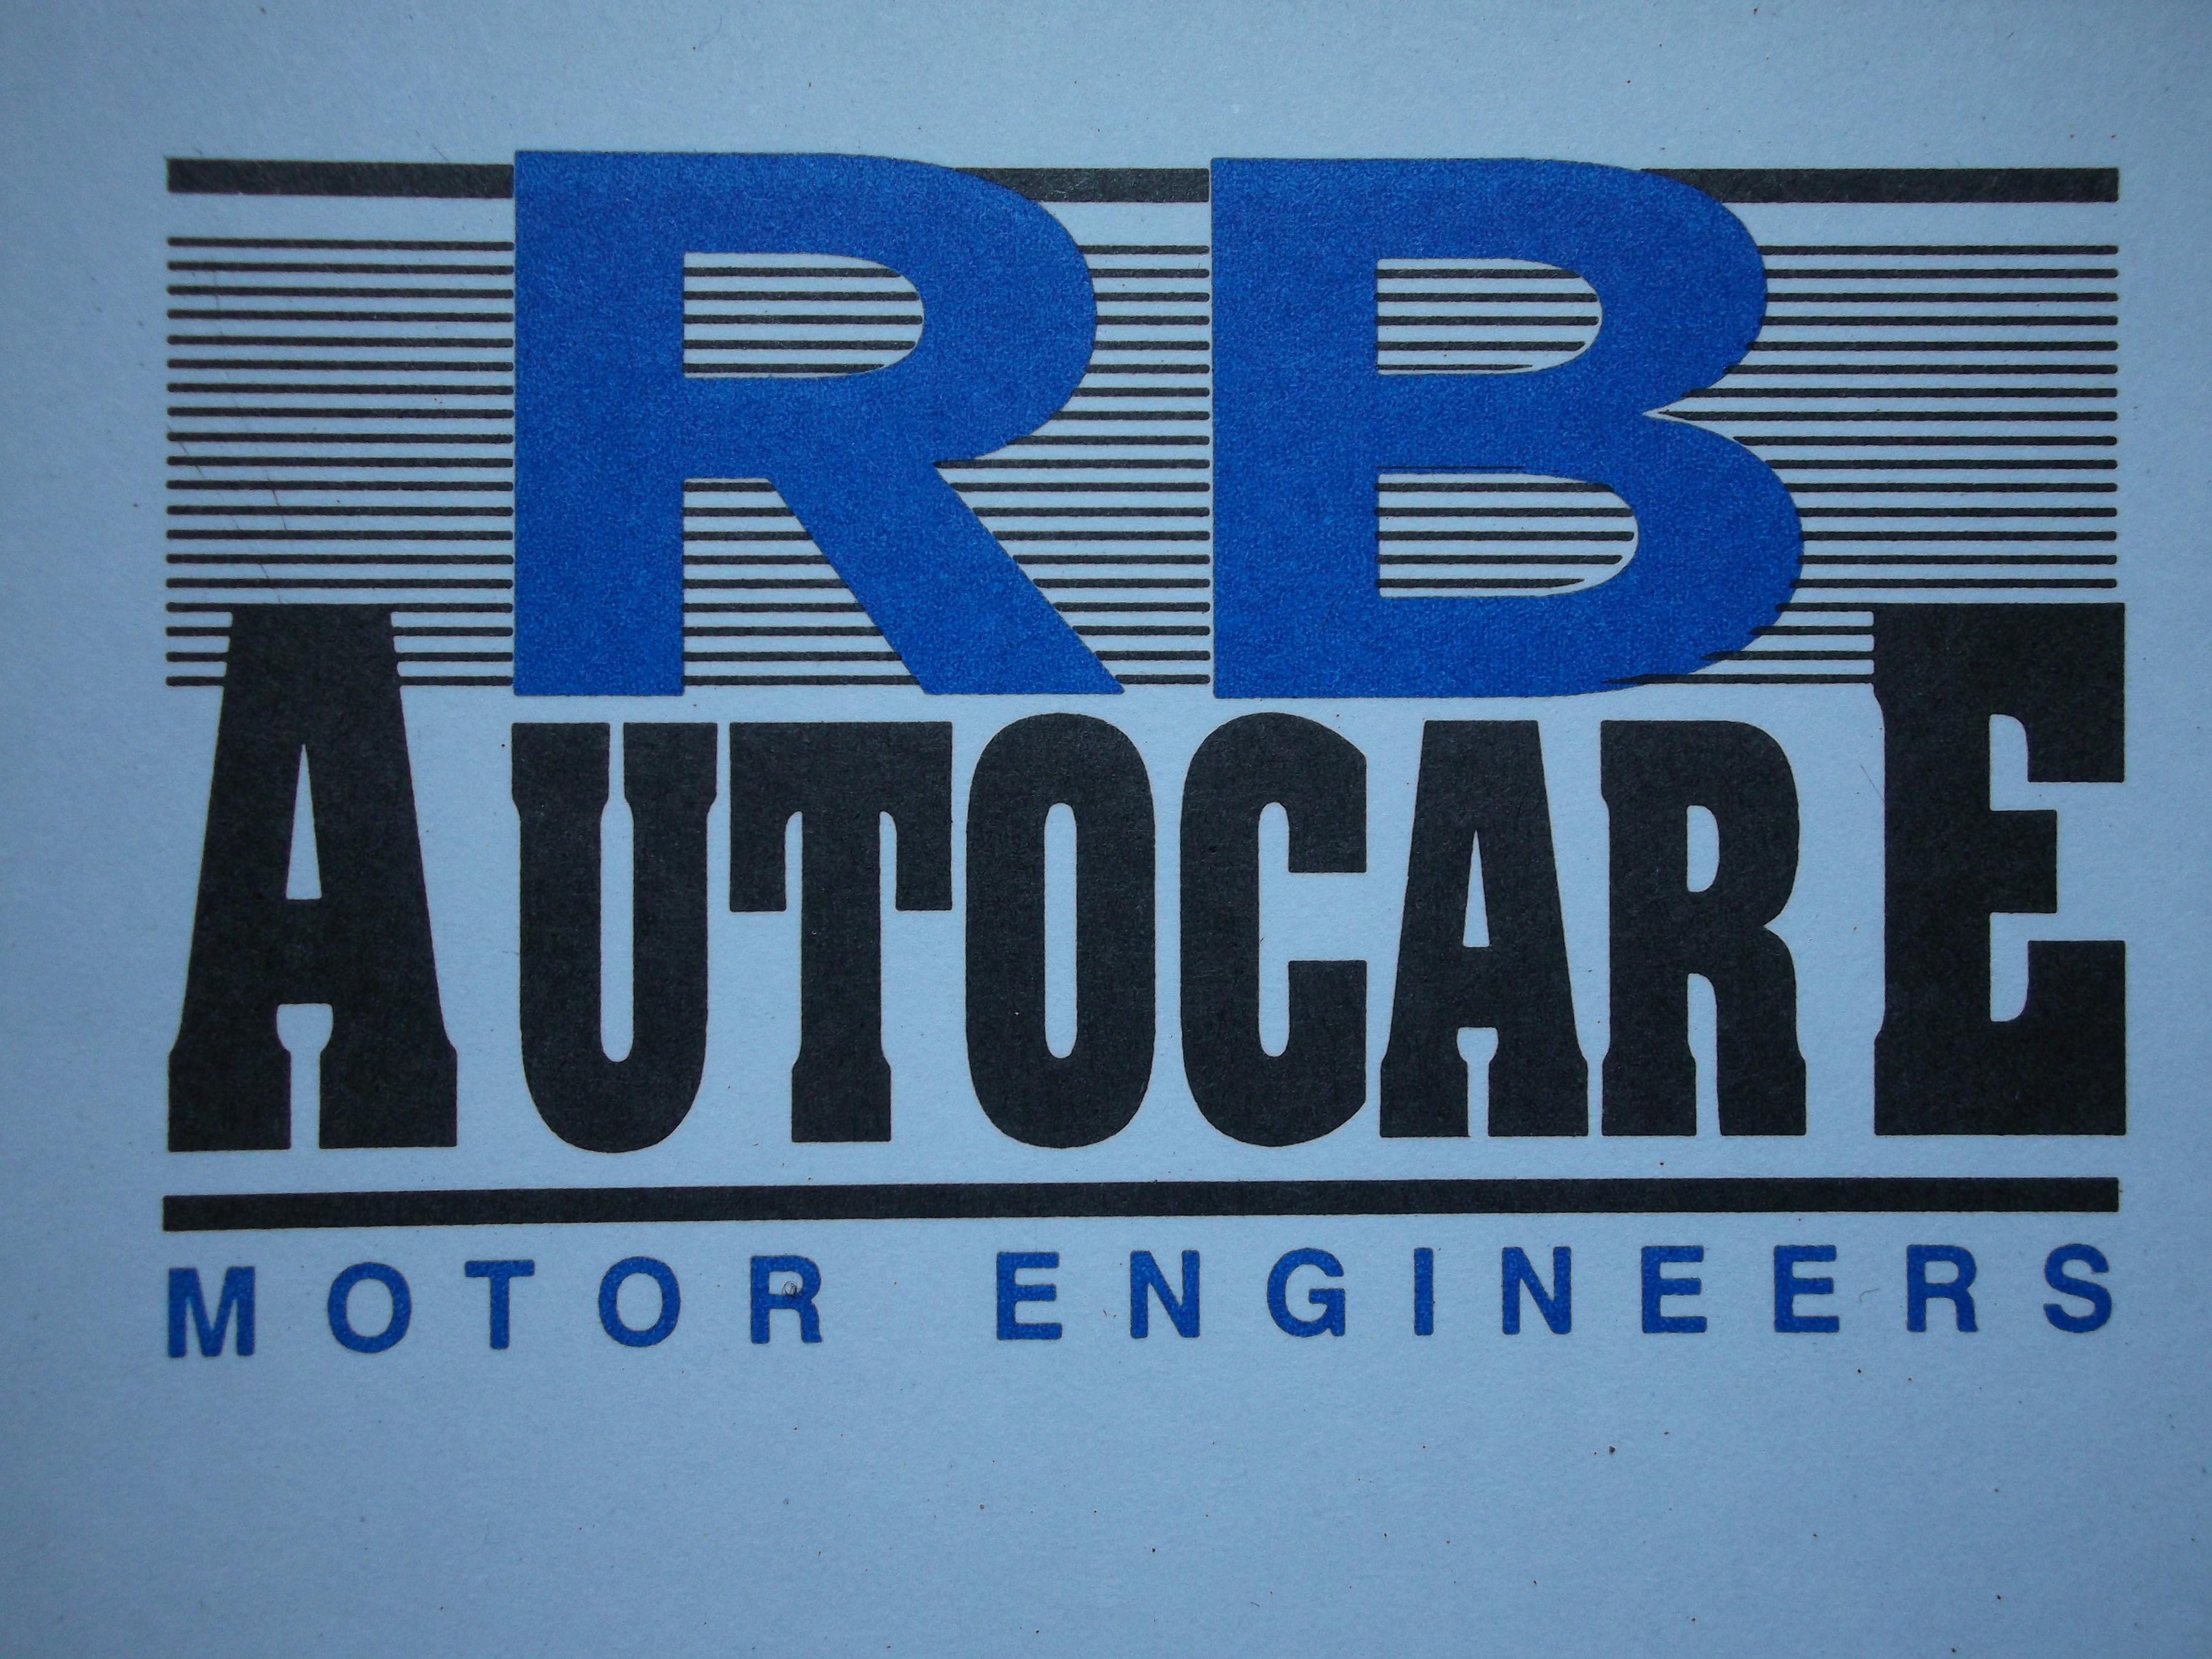 R B Autocare Ltd